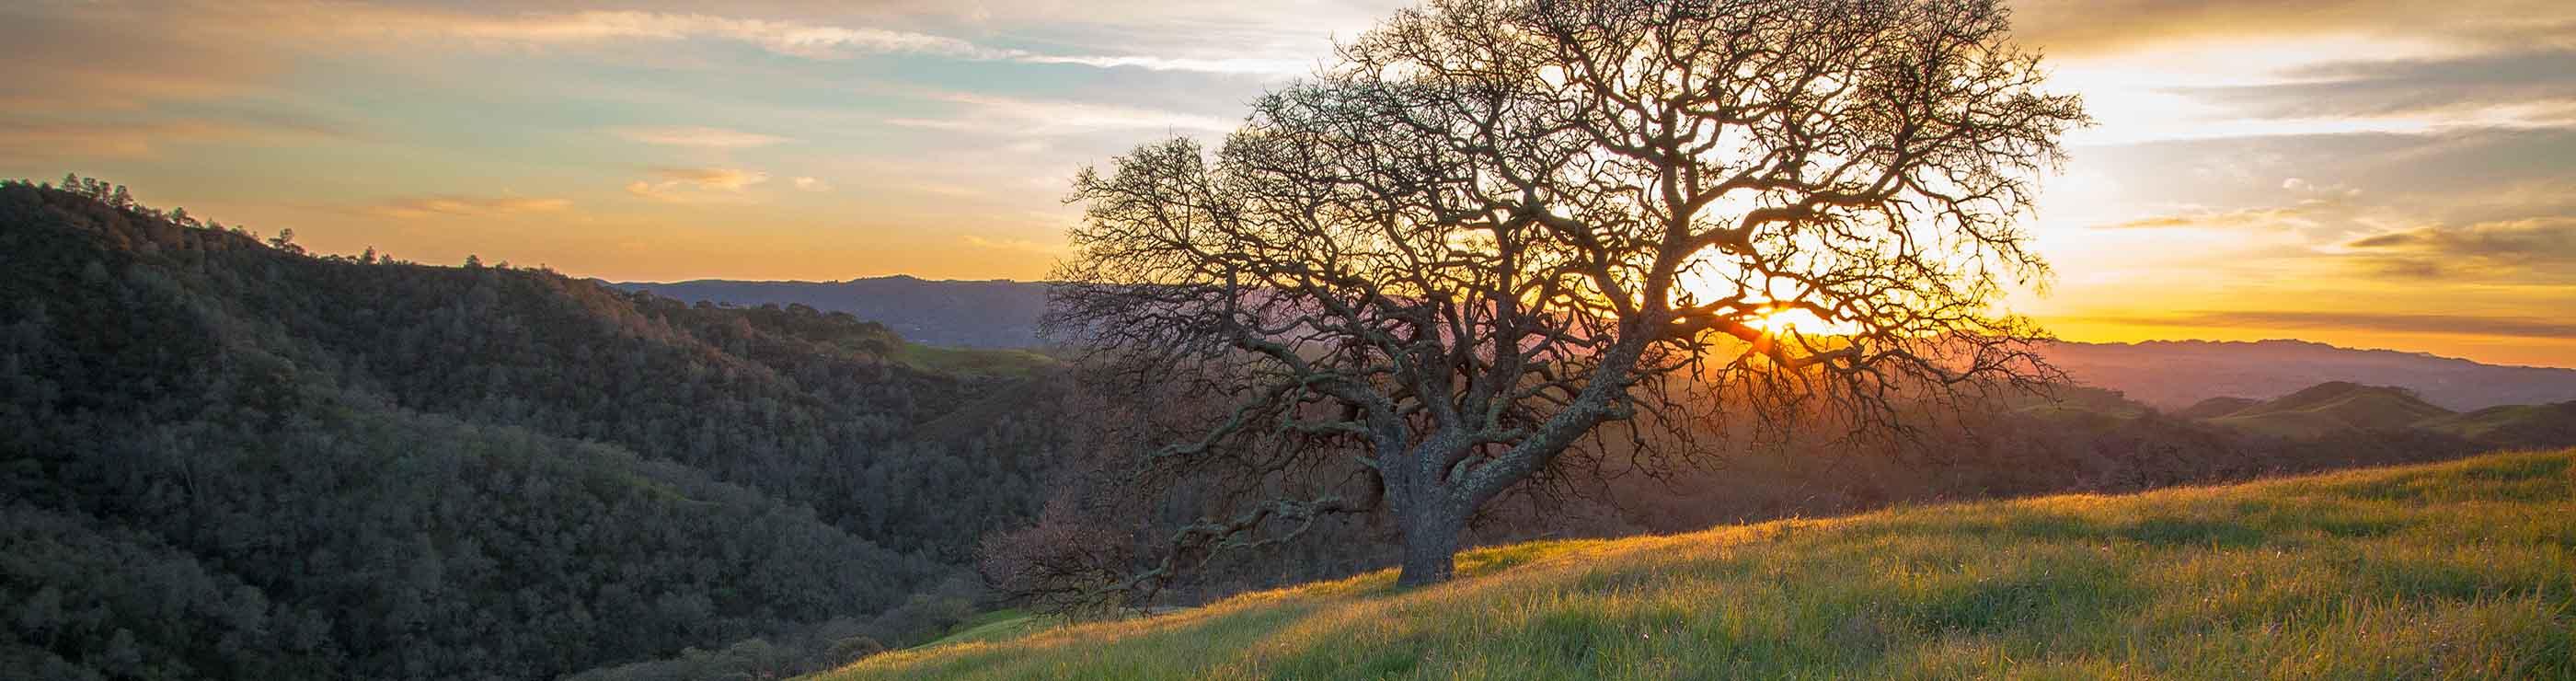 Walnut Creek California